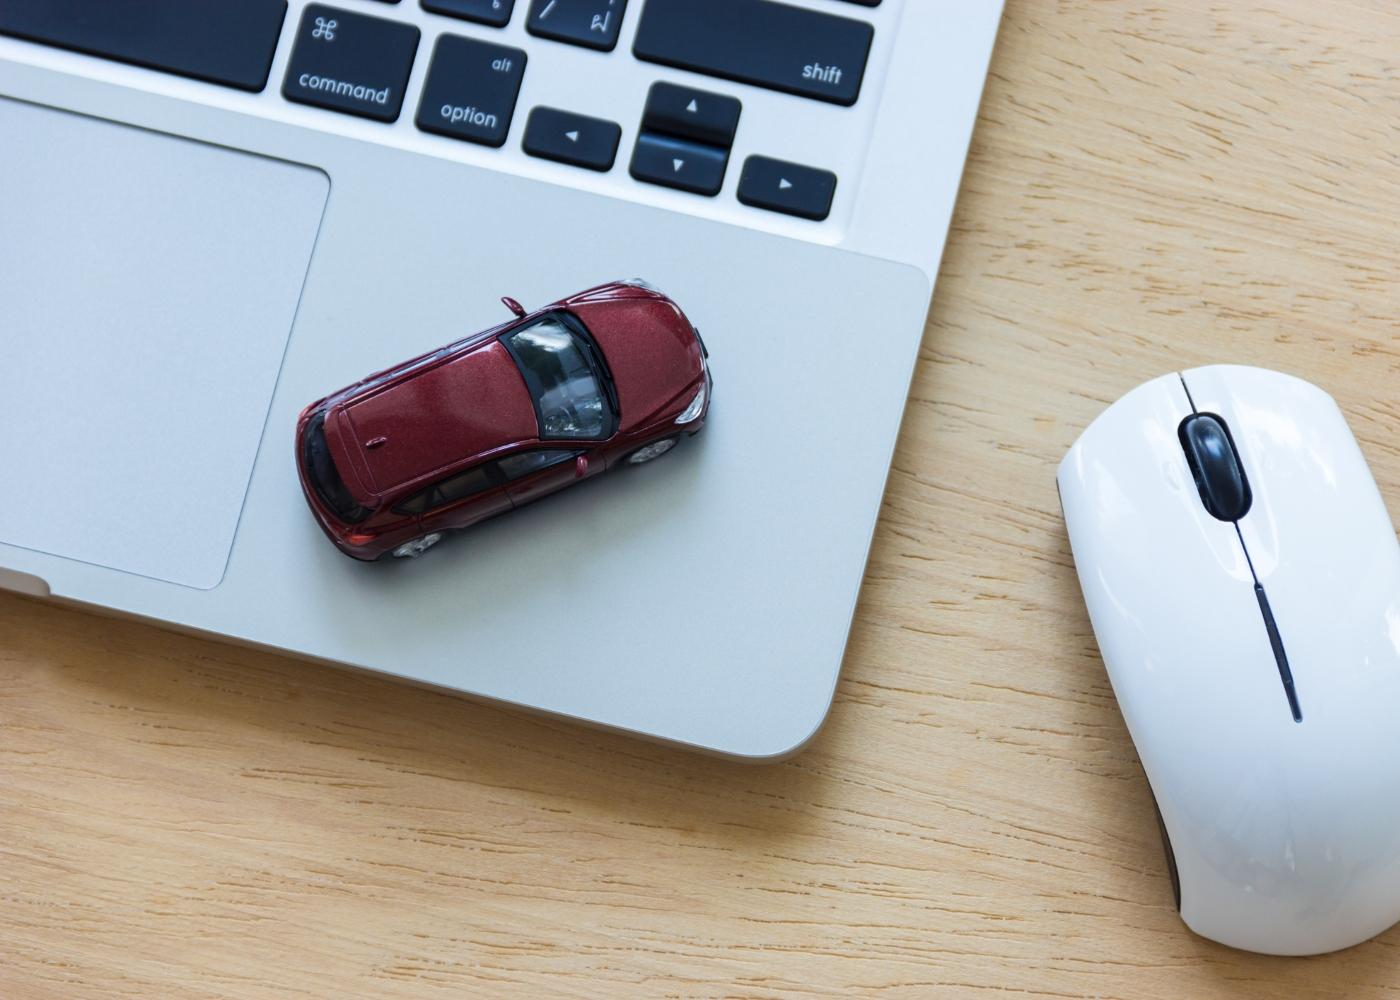 carro de brincar em cima de computador e rato